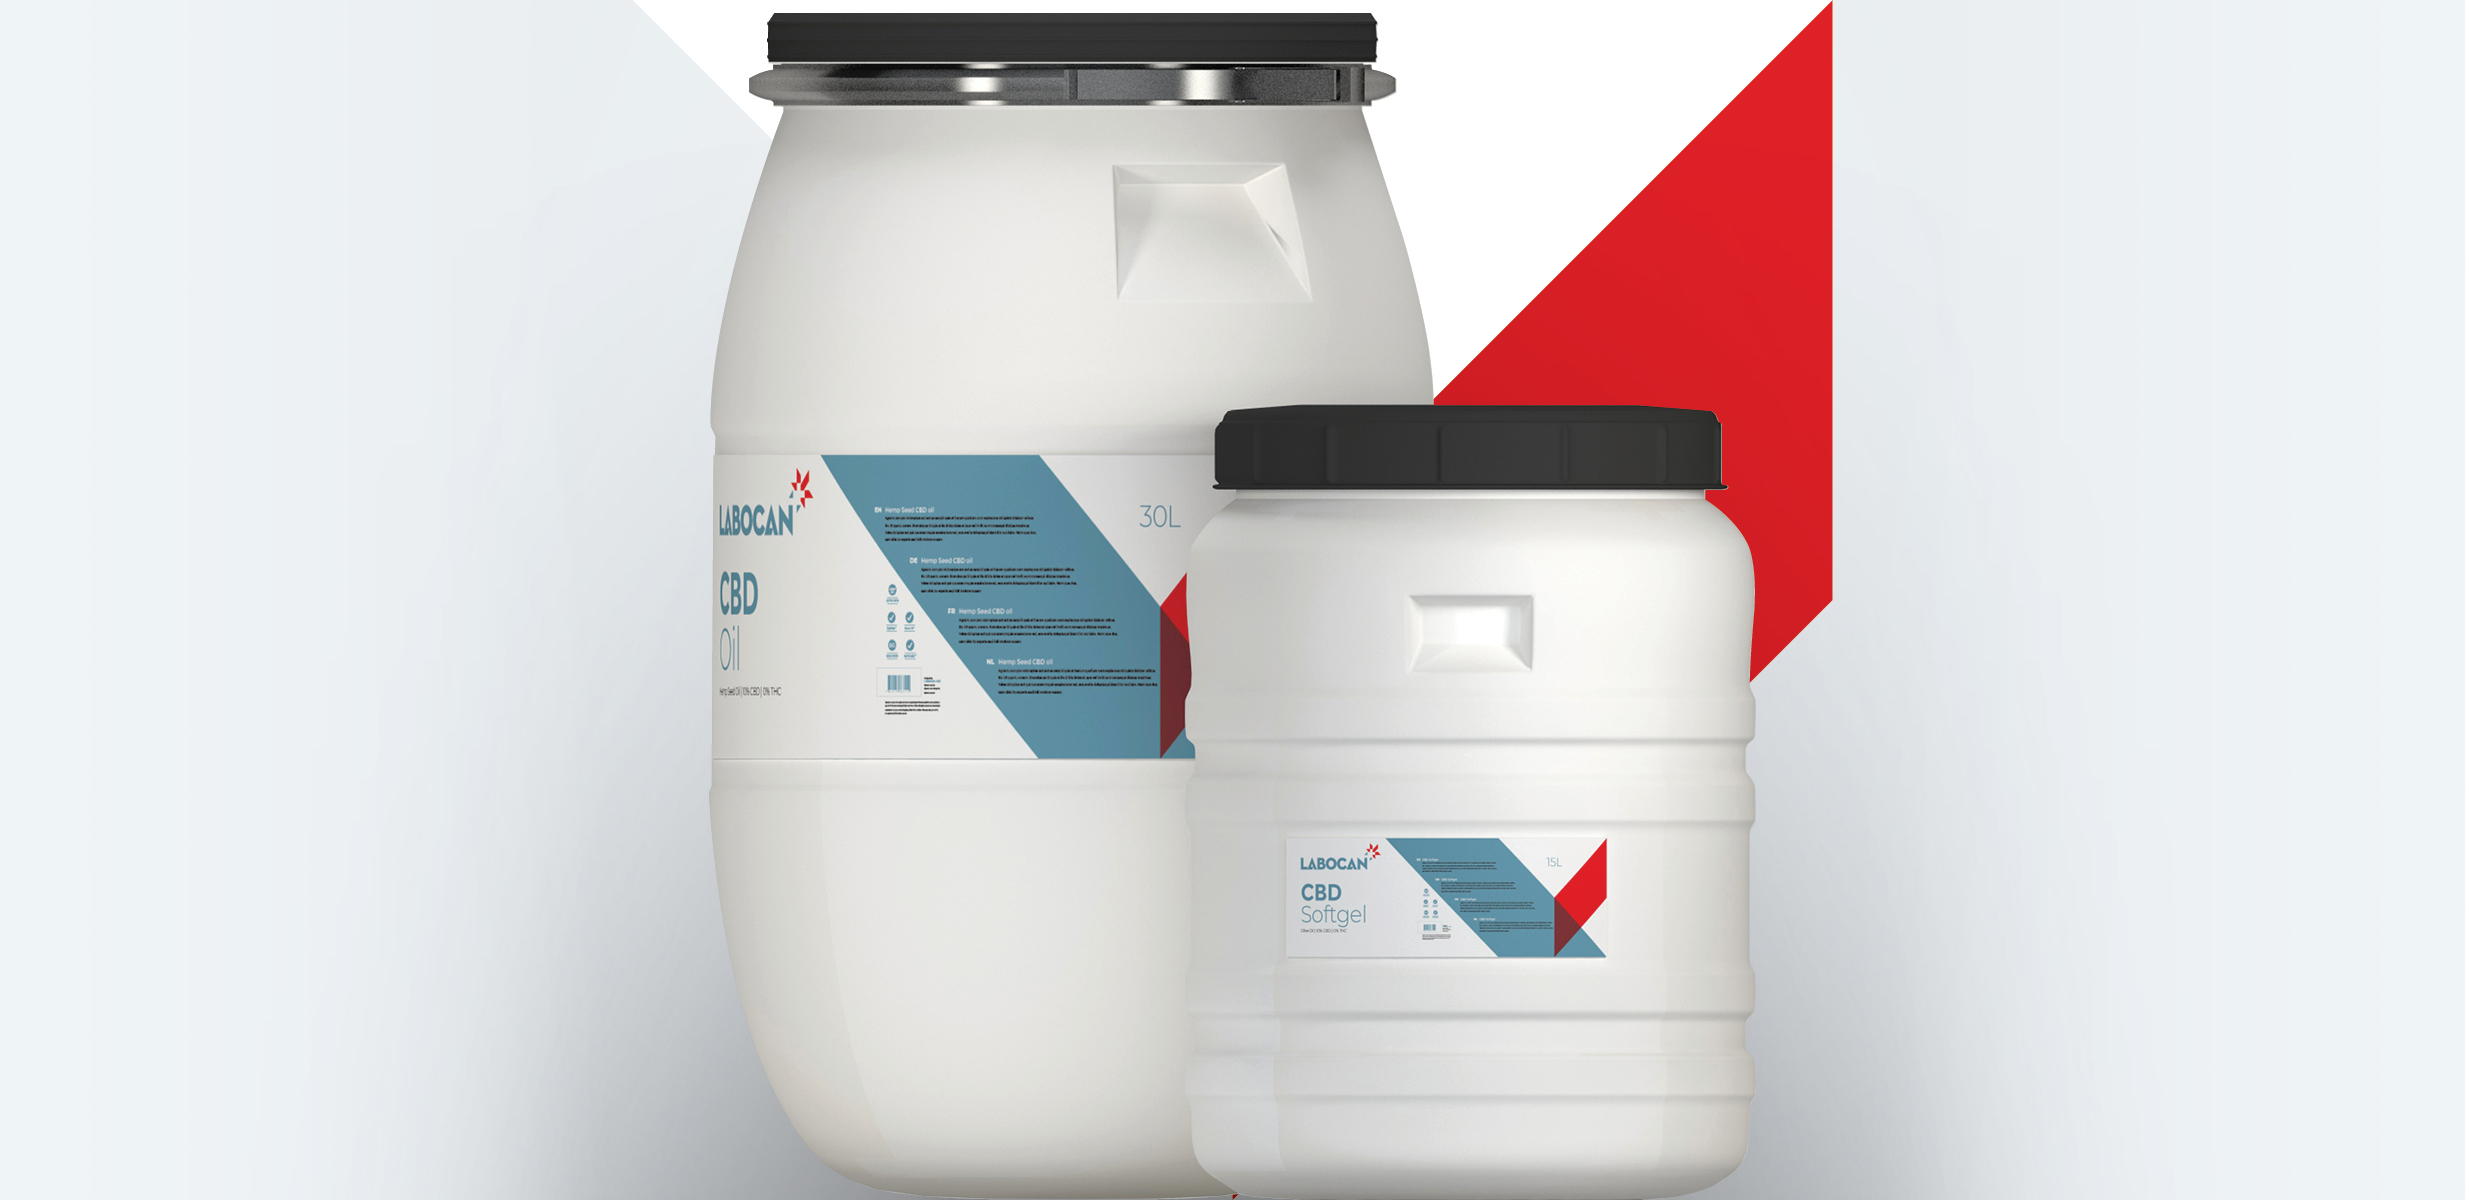 Labocan CBD de marca blanca a granel